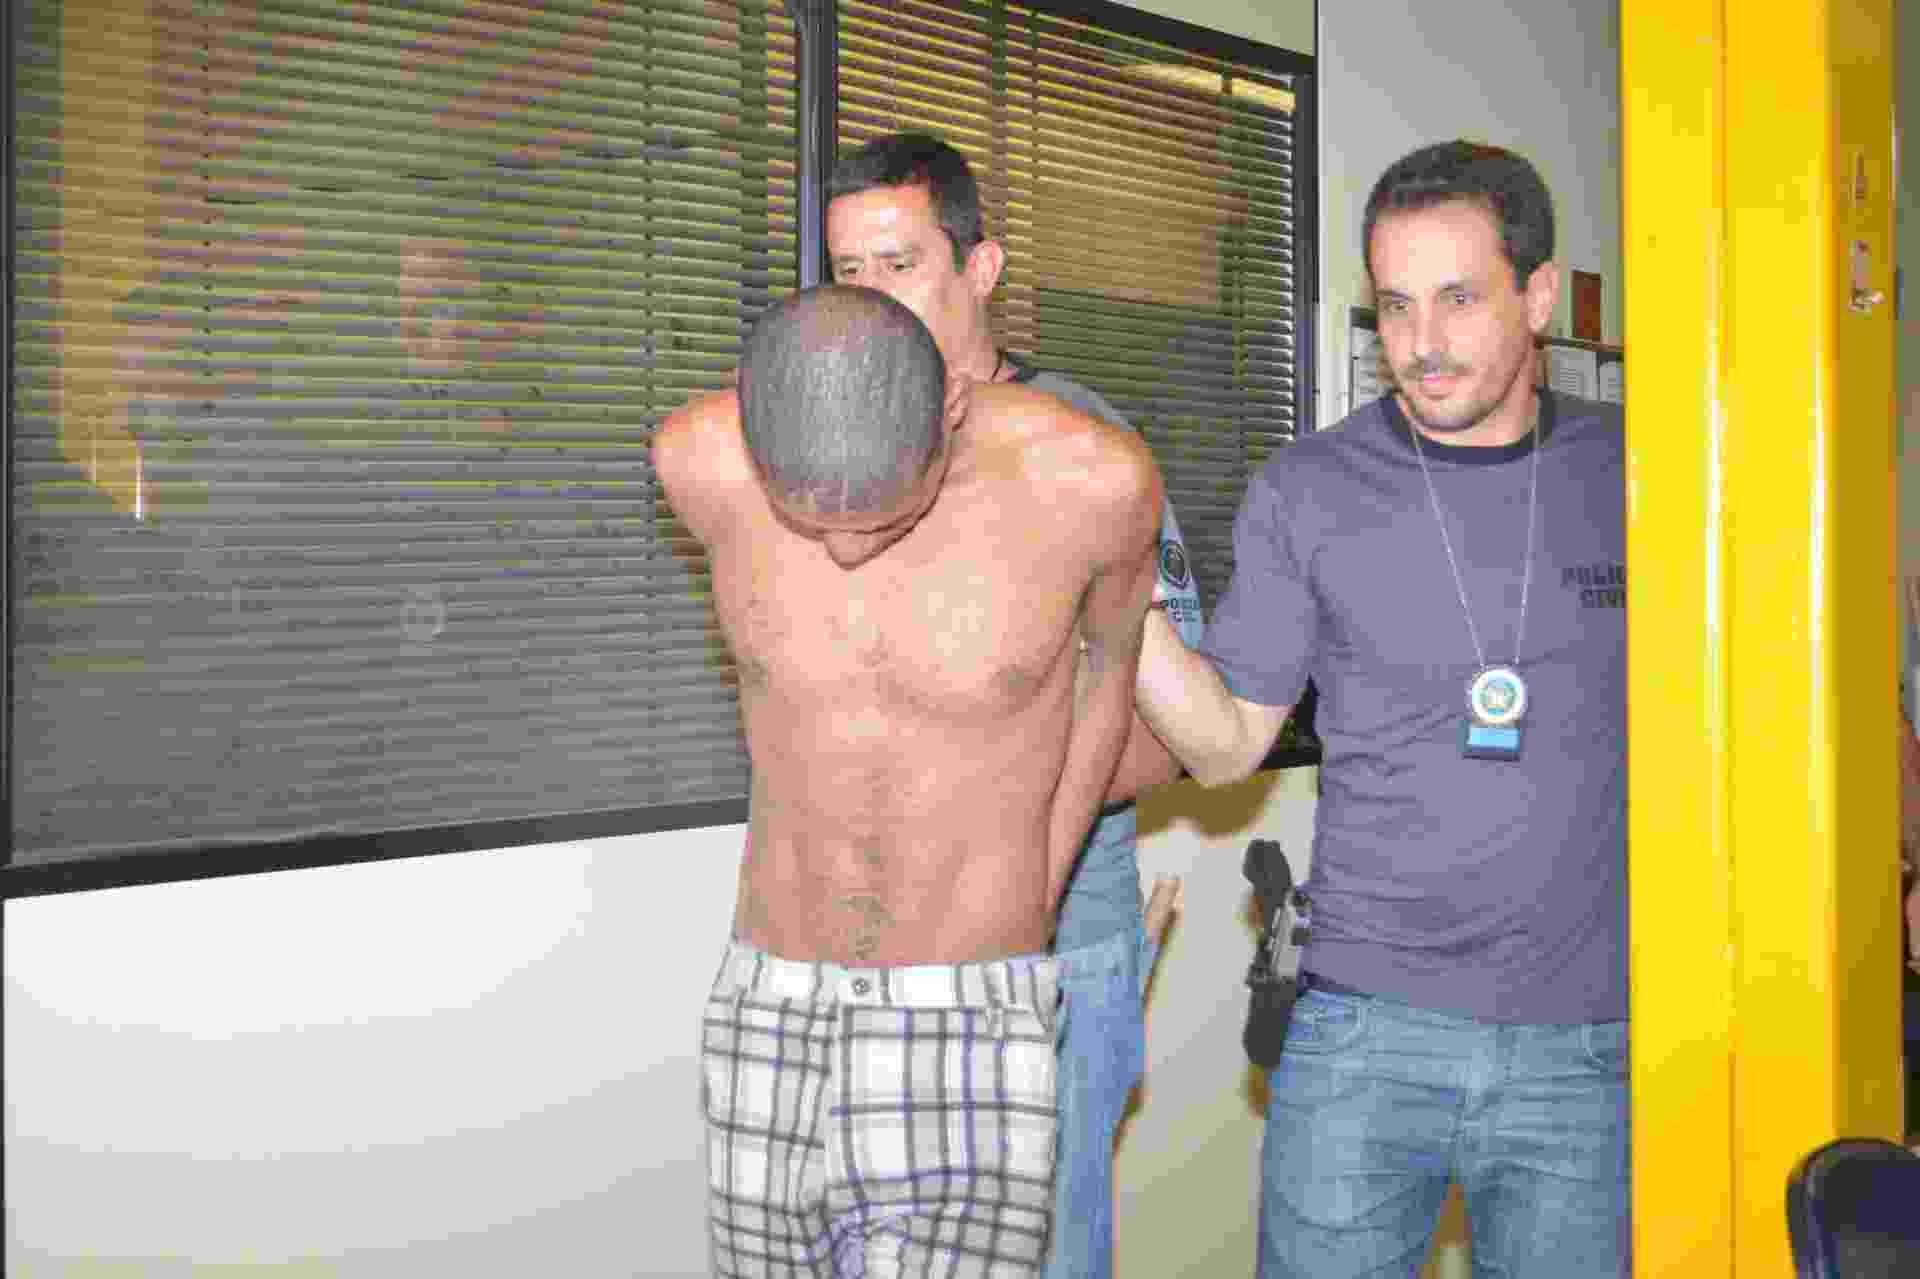 11.mai.2014 - Paulo Roberto, 35, foi preso em flagrante por sequestrar um ônibus na avenida Brasil, no Rio, e manter uma refém; Ele foi encaminhado para a 39ª Delegacia Policial (Pavuna) - Erbs Jr./Frame/Estadão Conteúdo